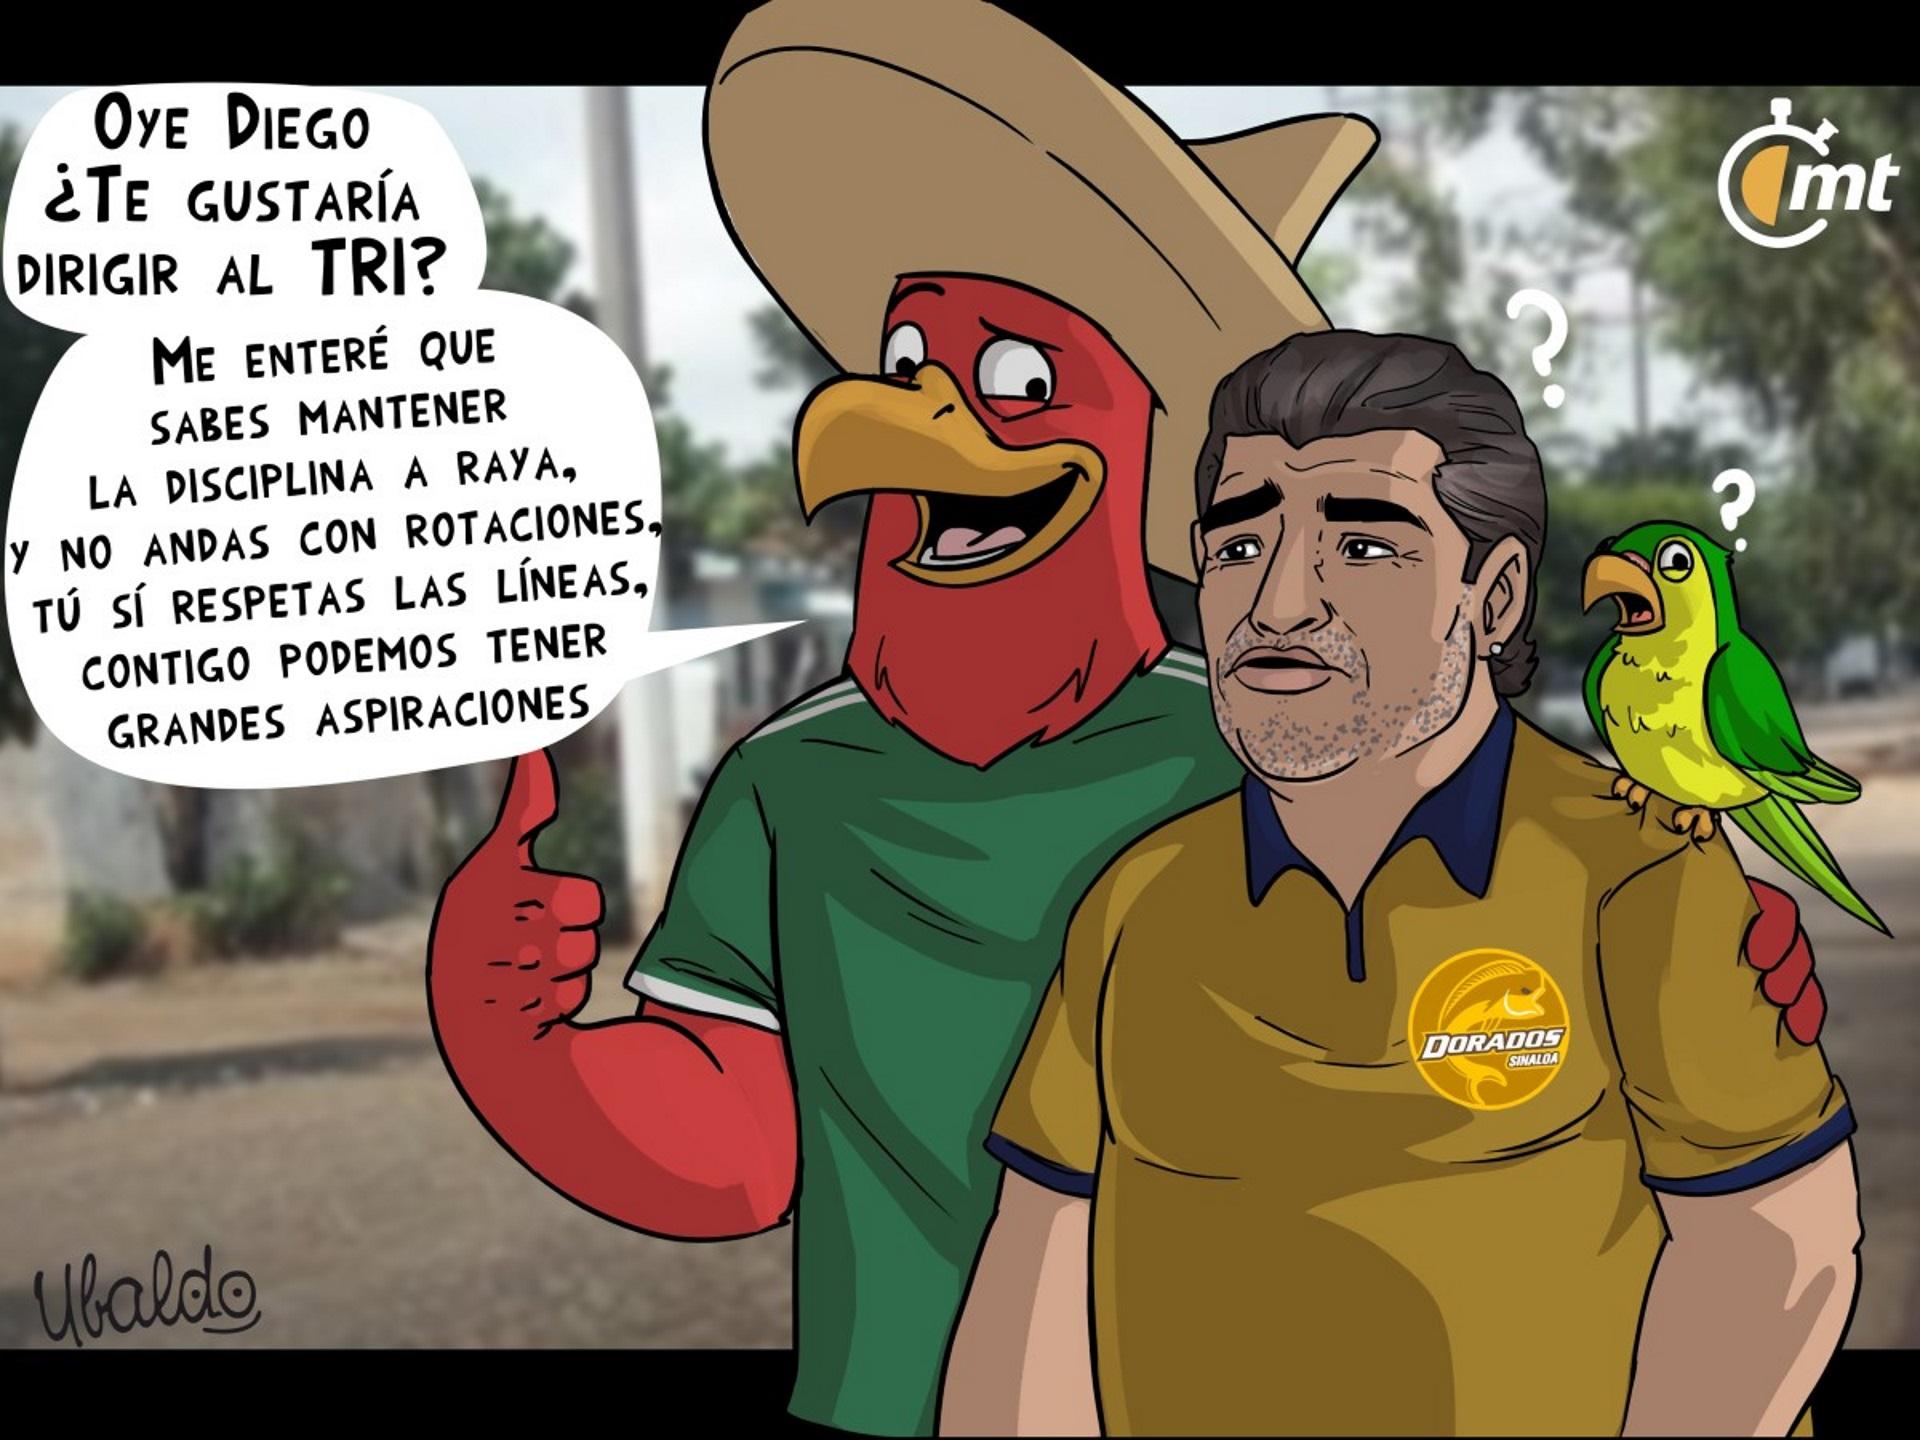 La dura caricatura de un medio mexicano sobre Diego Maradona y su pasado con las drogas